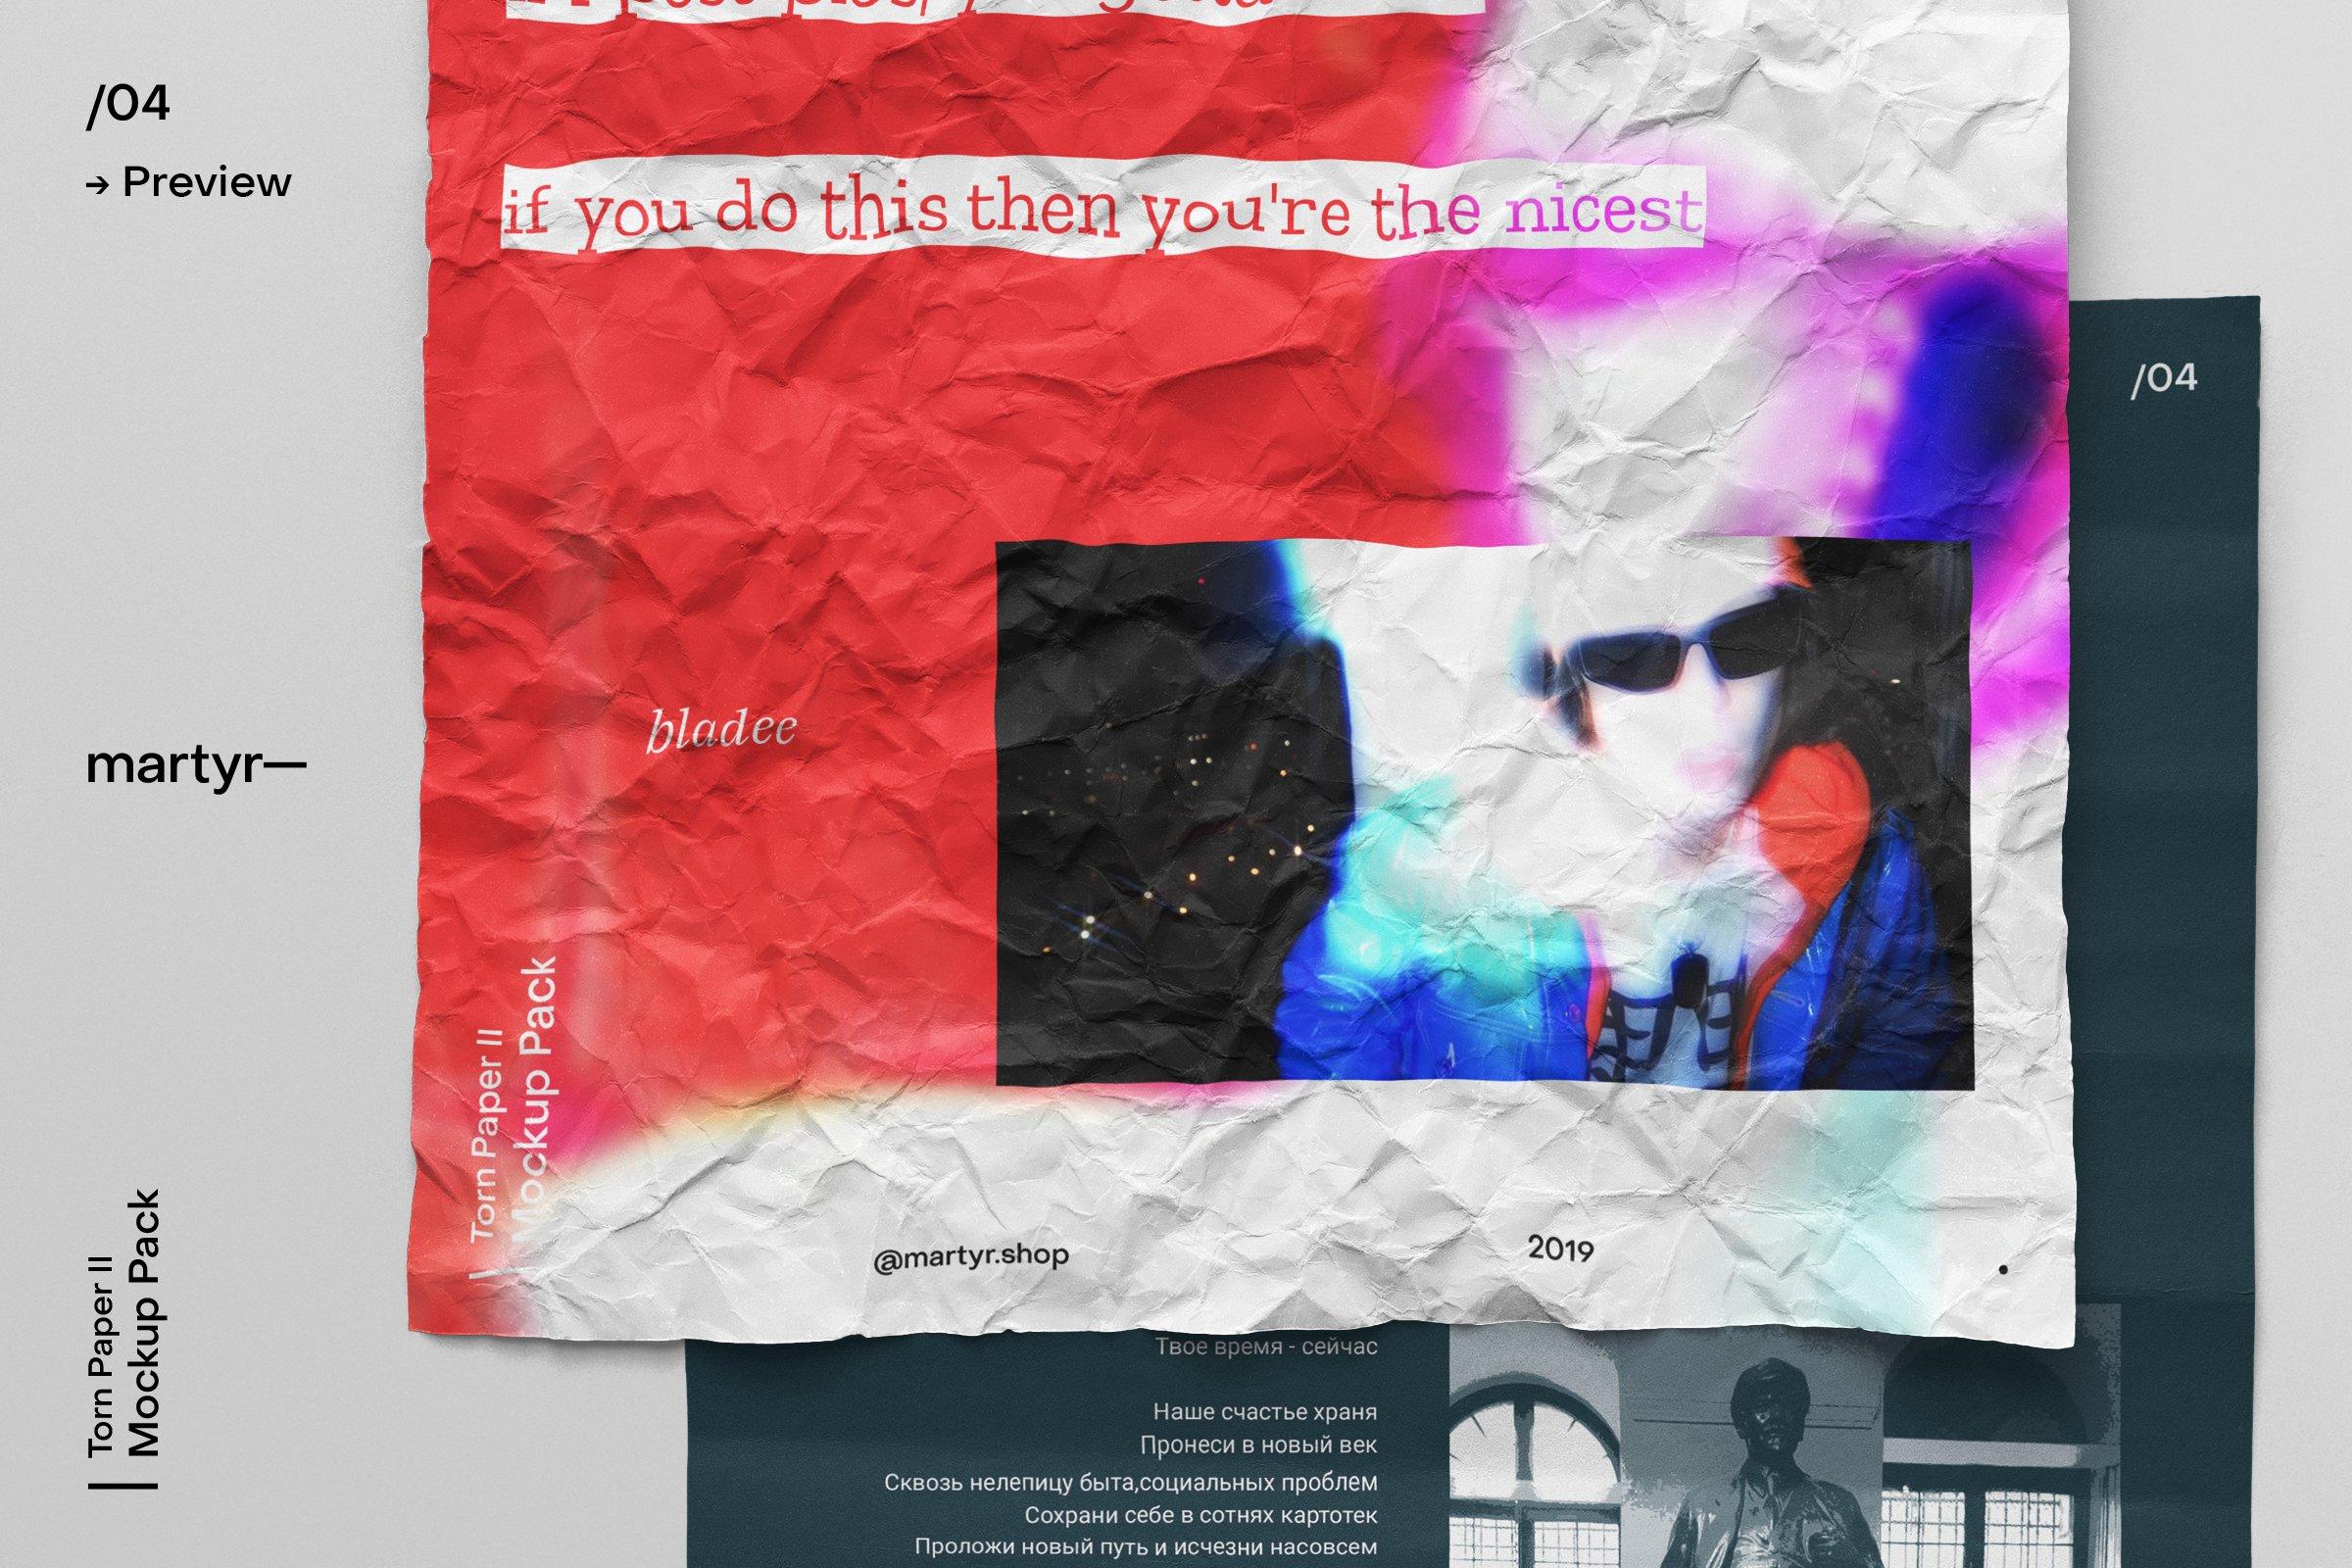 [淘宝购买]32款潮流破损撕裂褶皱A4纸张海报传单设计样机模板 Torn Paper II — Mockup Pack插图(17)